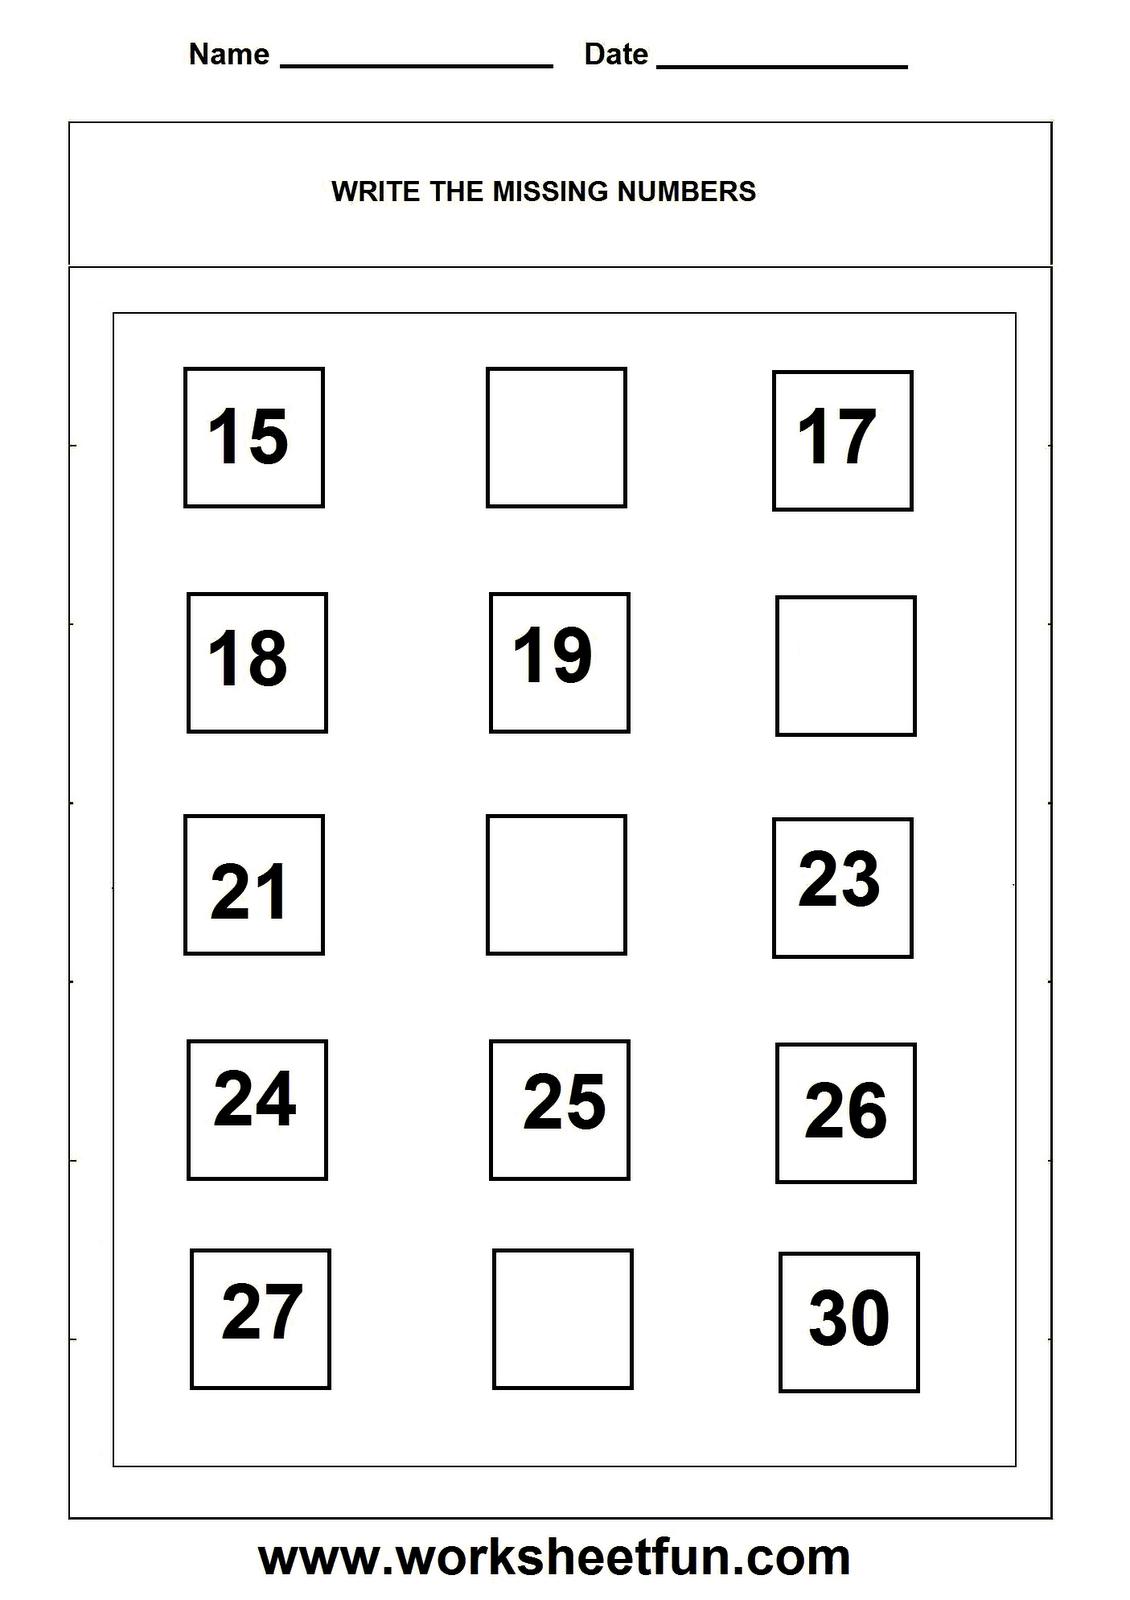 Missing Numbers Worksheet School Kindergarten Math Worksheets Missing Number Worksheets Math Worksheets Writing Worksheets Kindergarten [ 1600 x 1130 Pixel ]